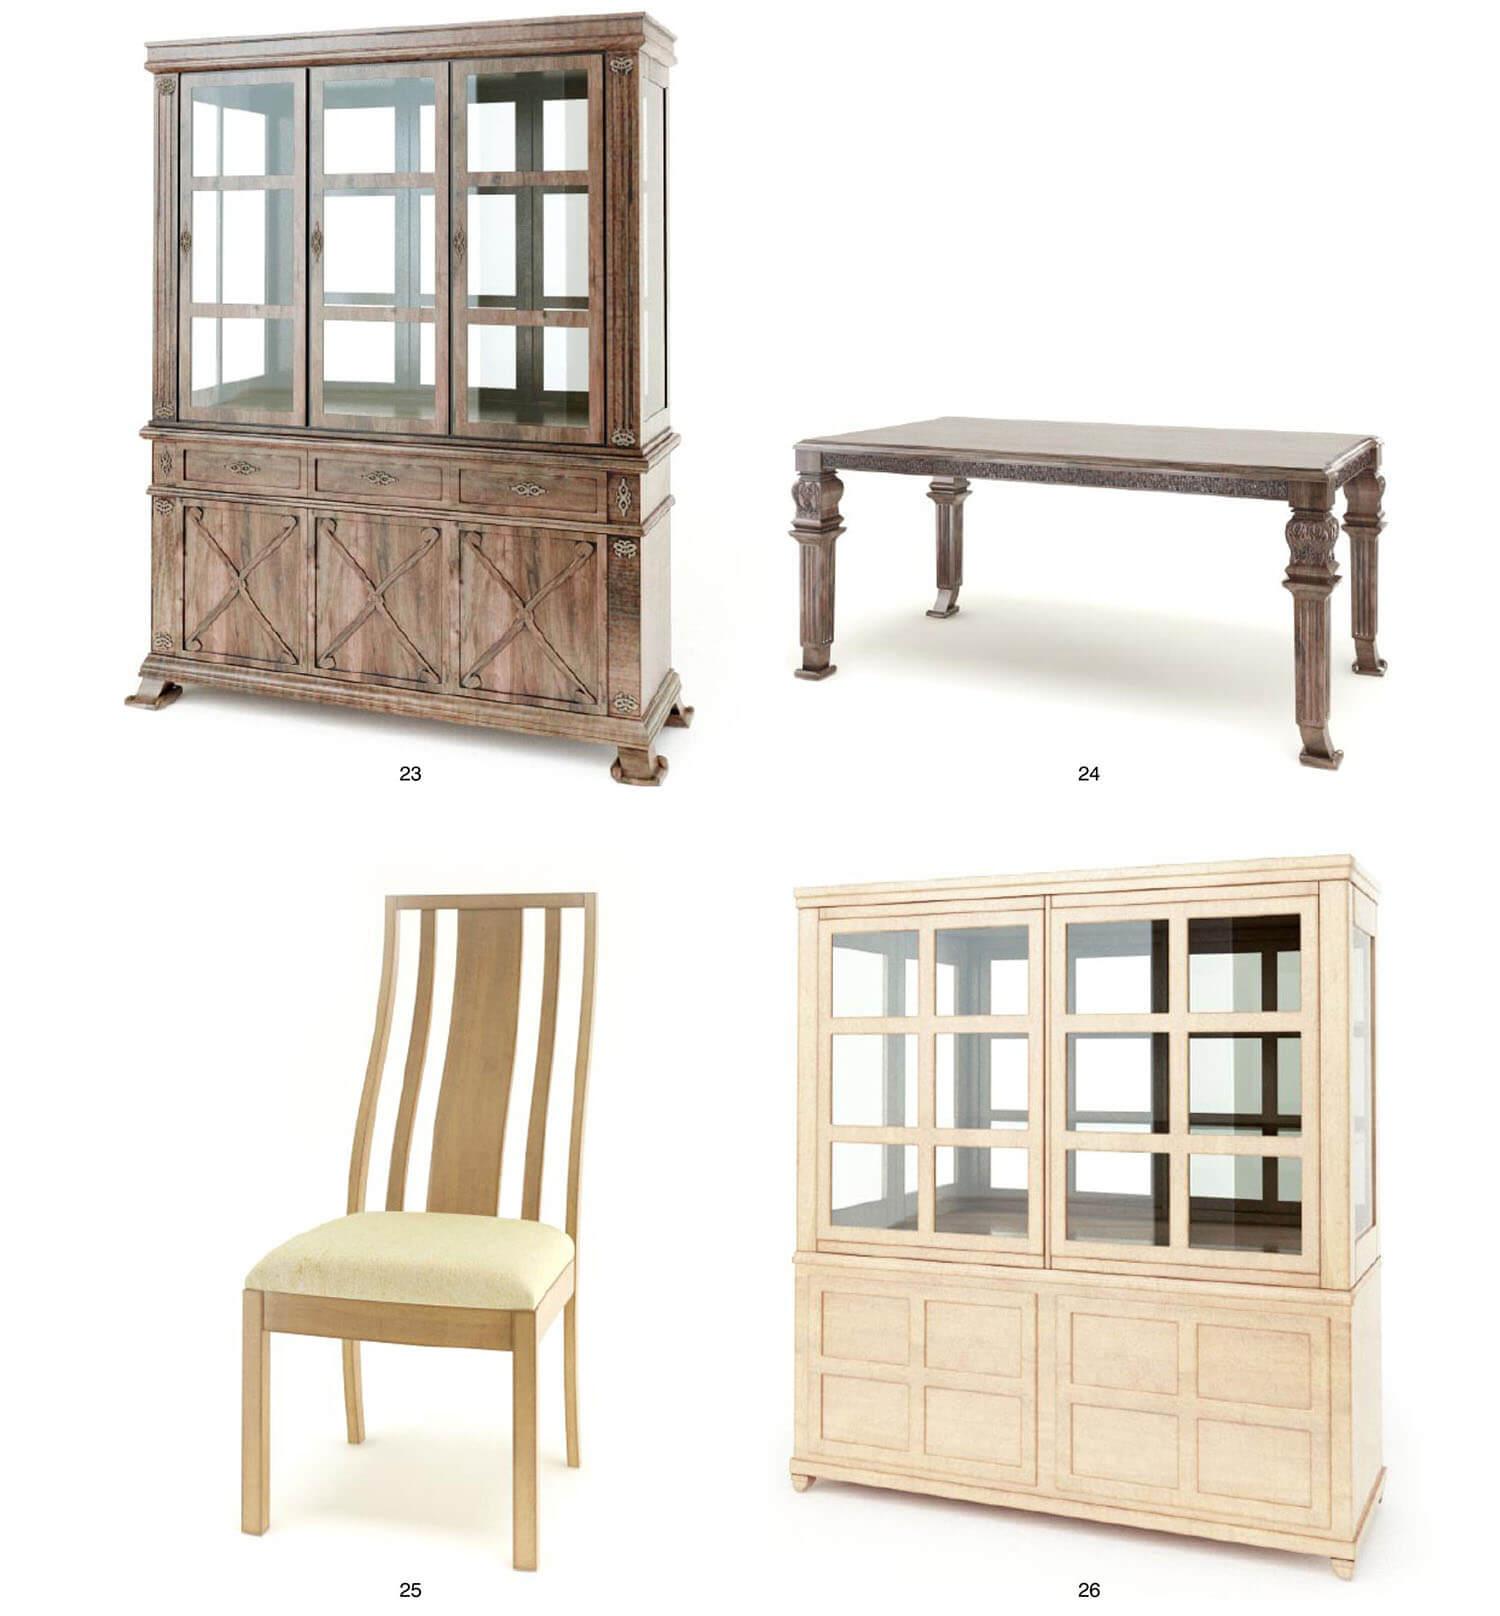 Bàn và tủ cổ điển khi đặt cạnh bàn và tủ hiện đại